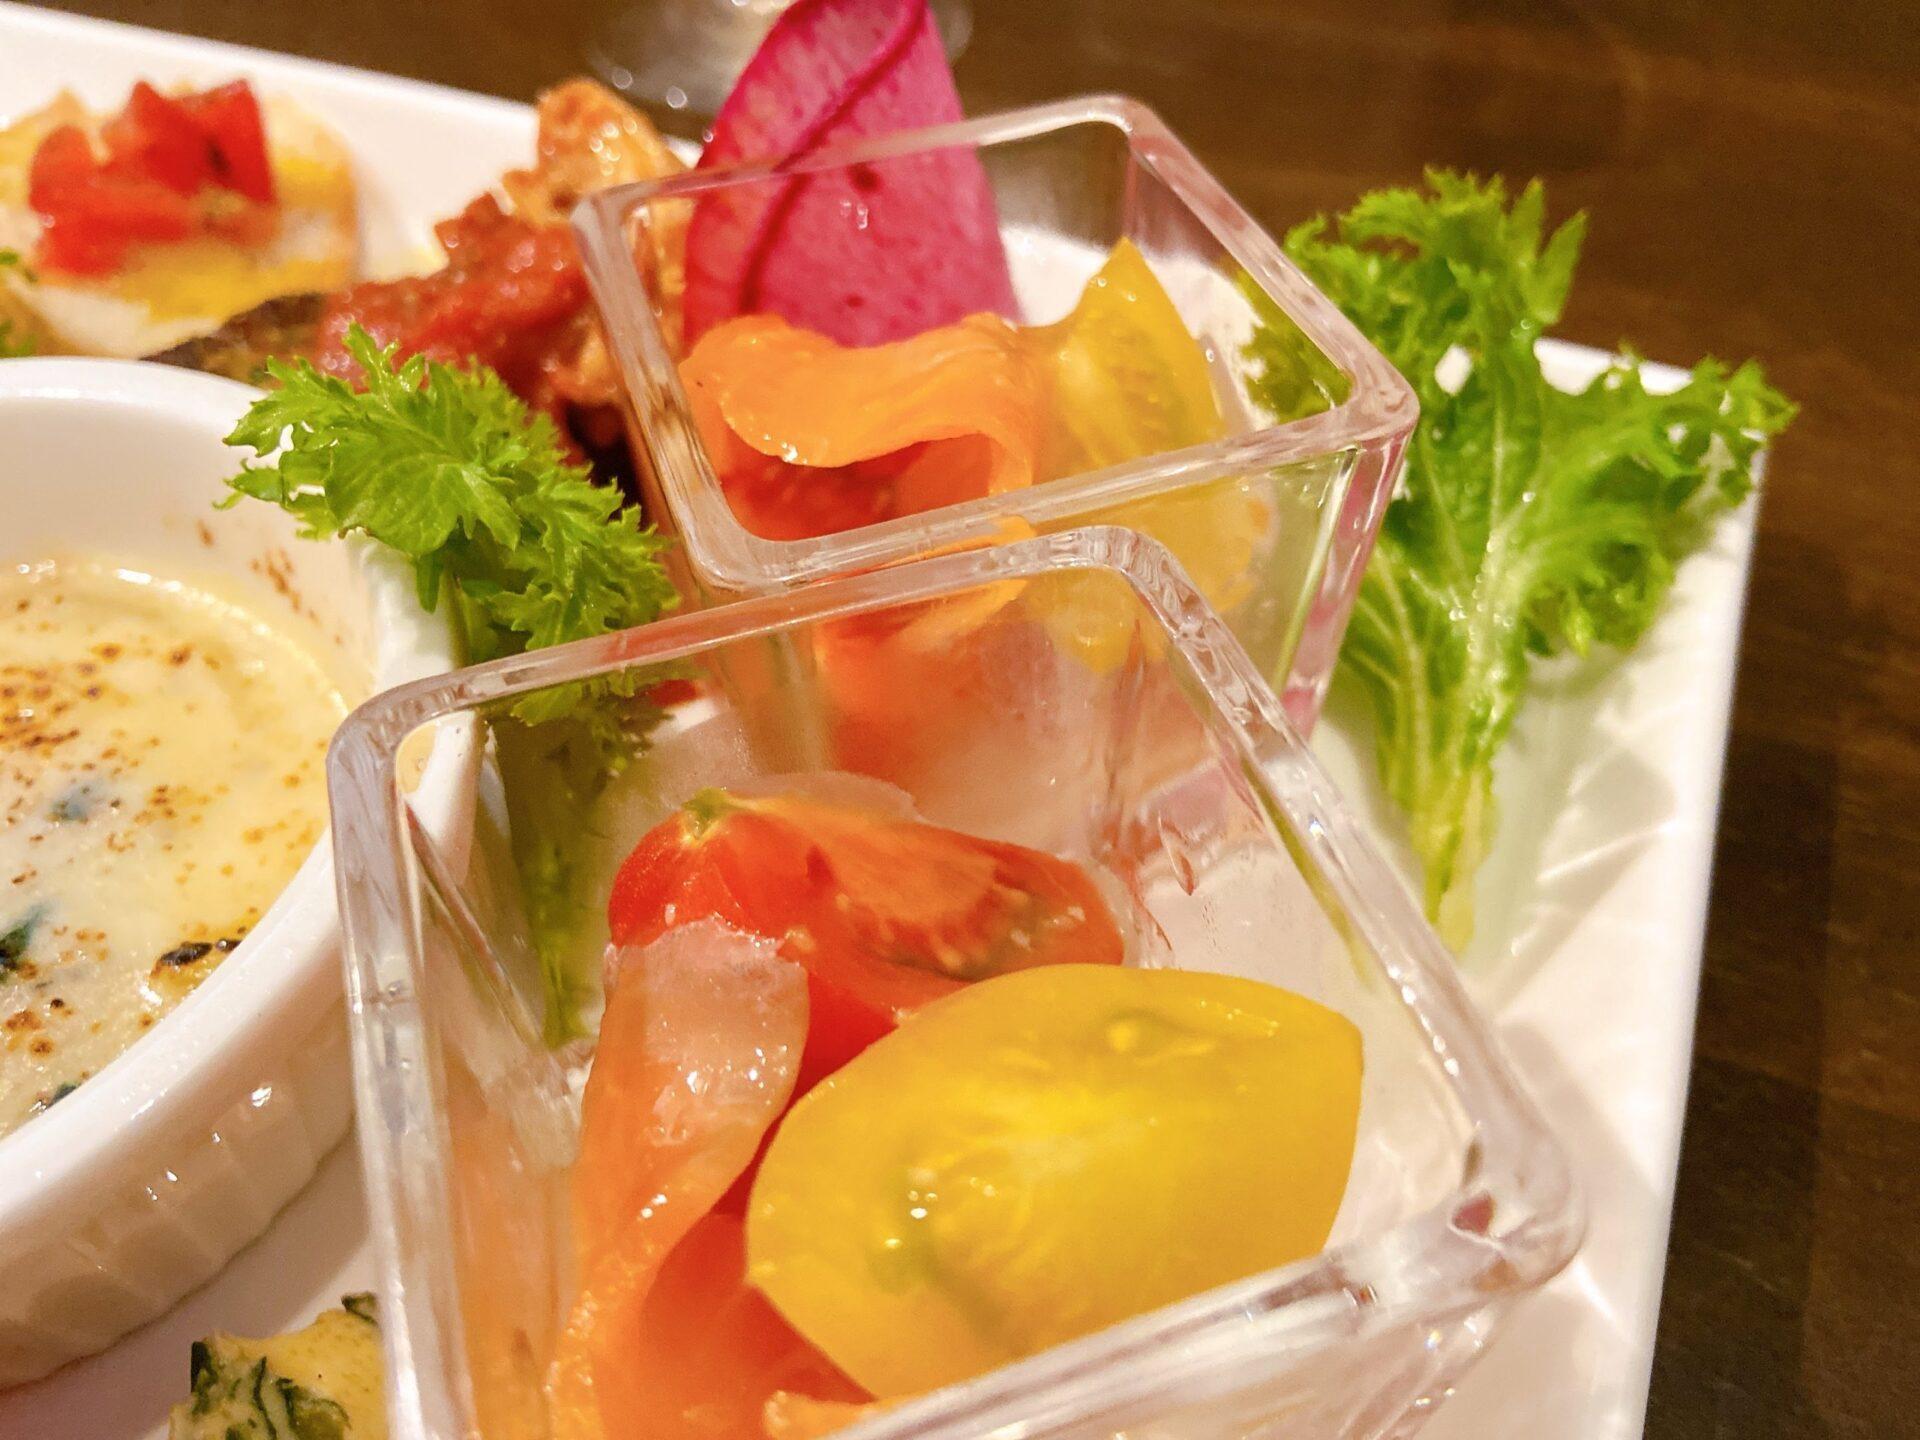 Emisai スマイルトマトとサーモンのカルパッチョ